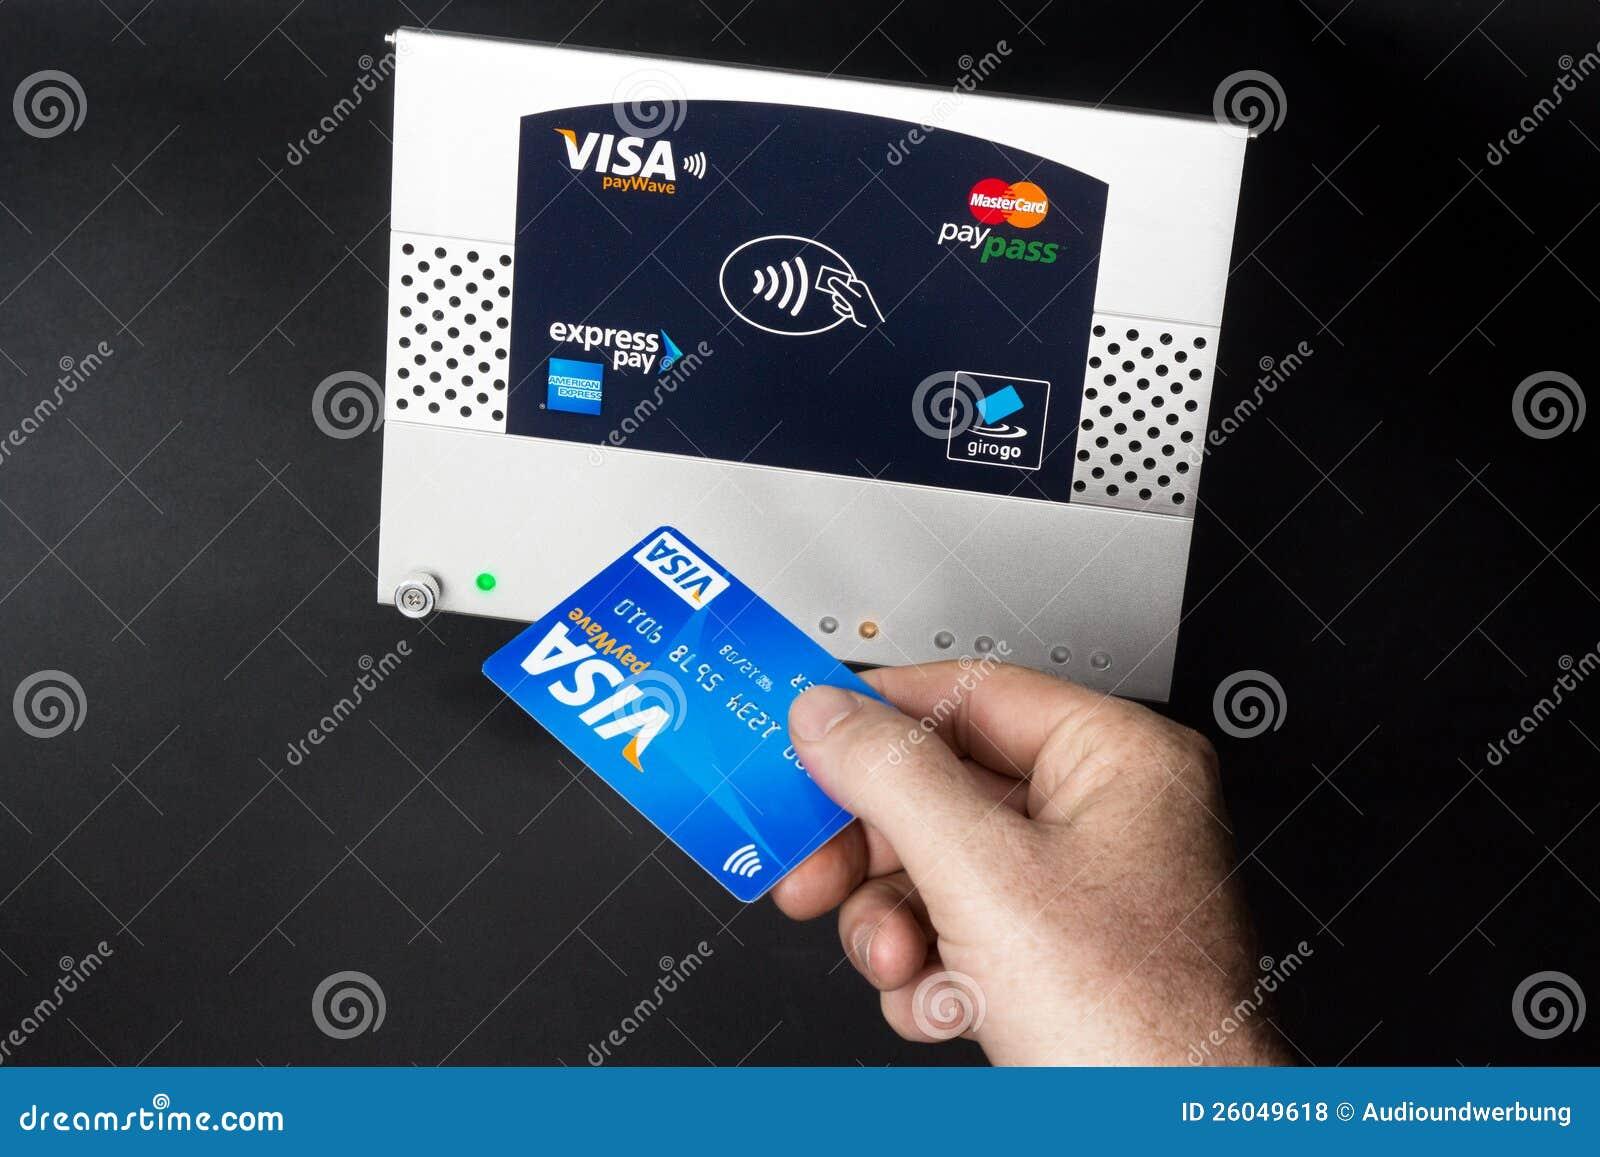 Nfc - pagamento sem contacto